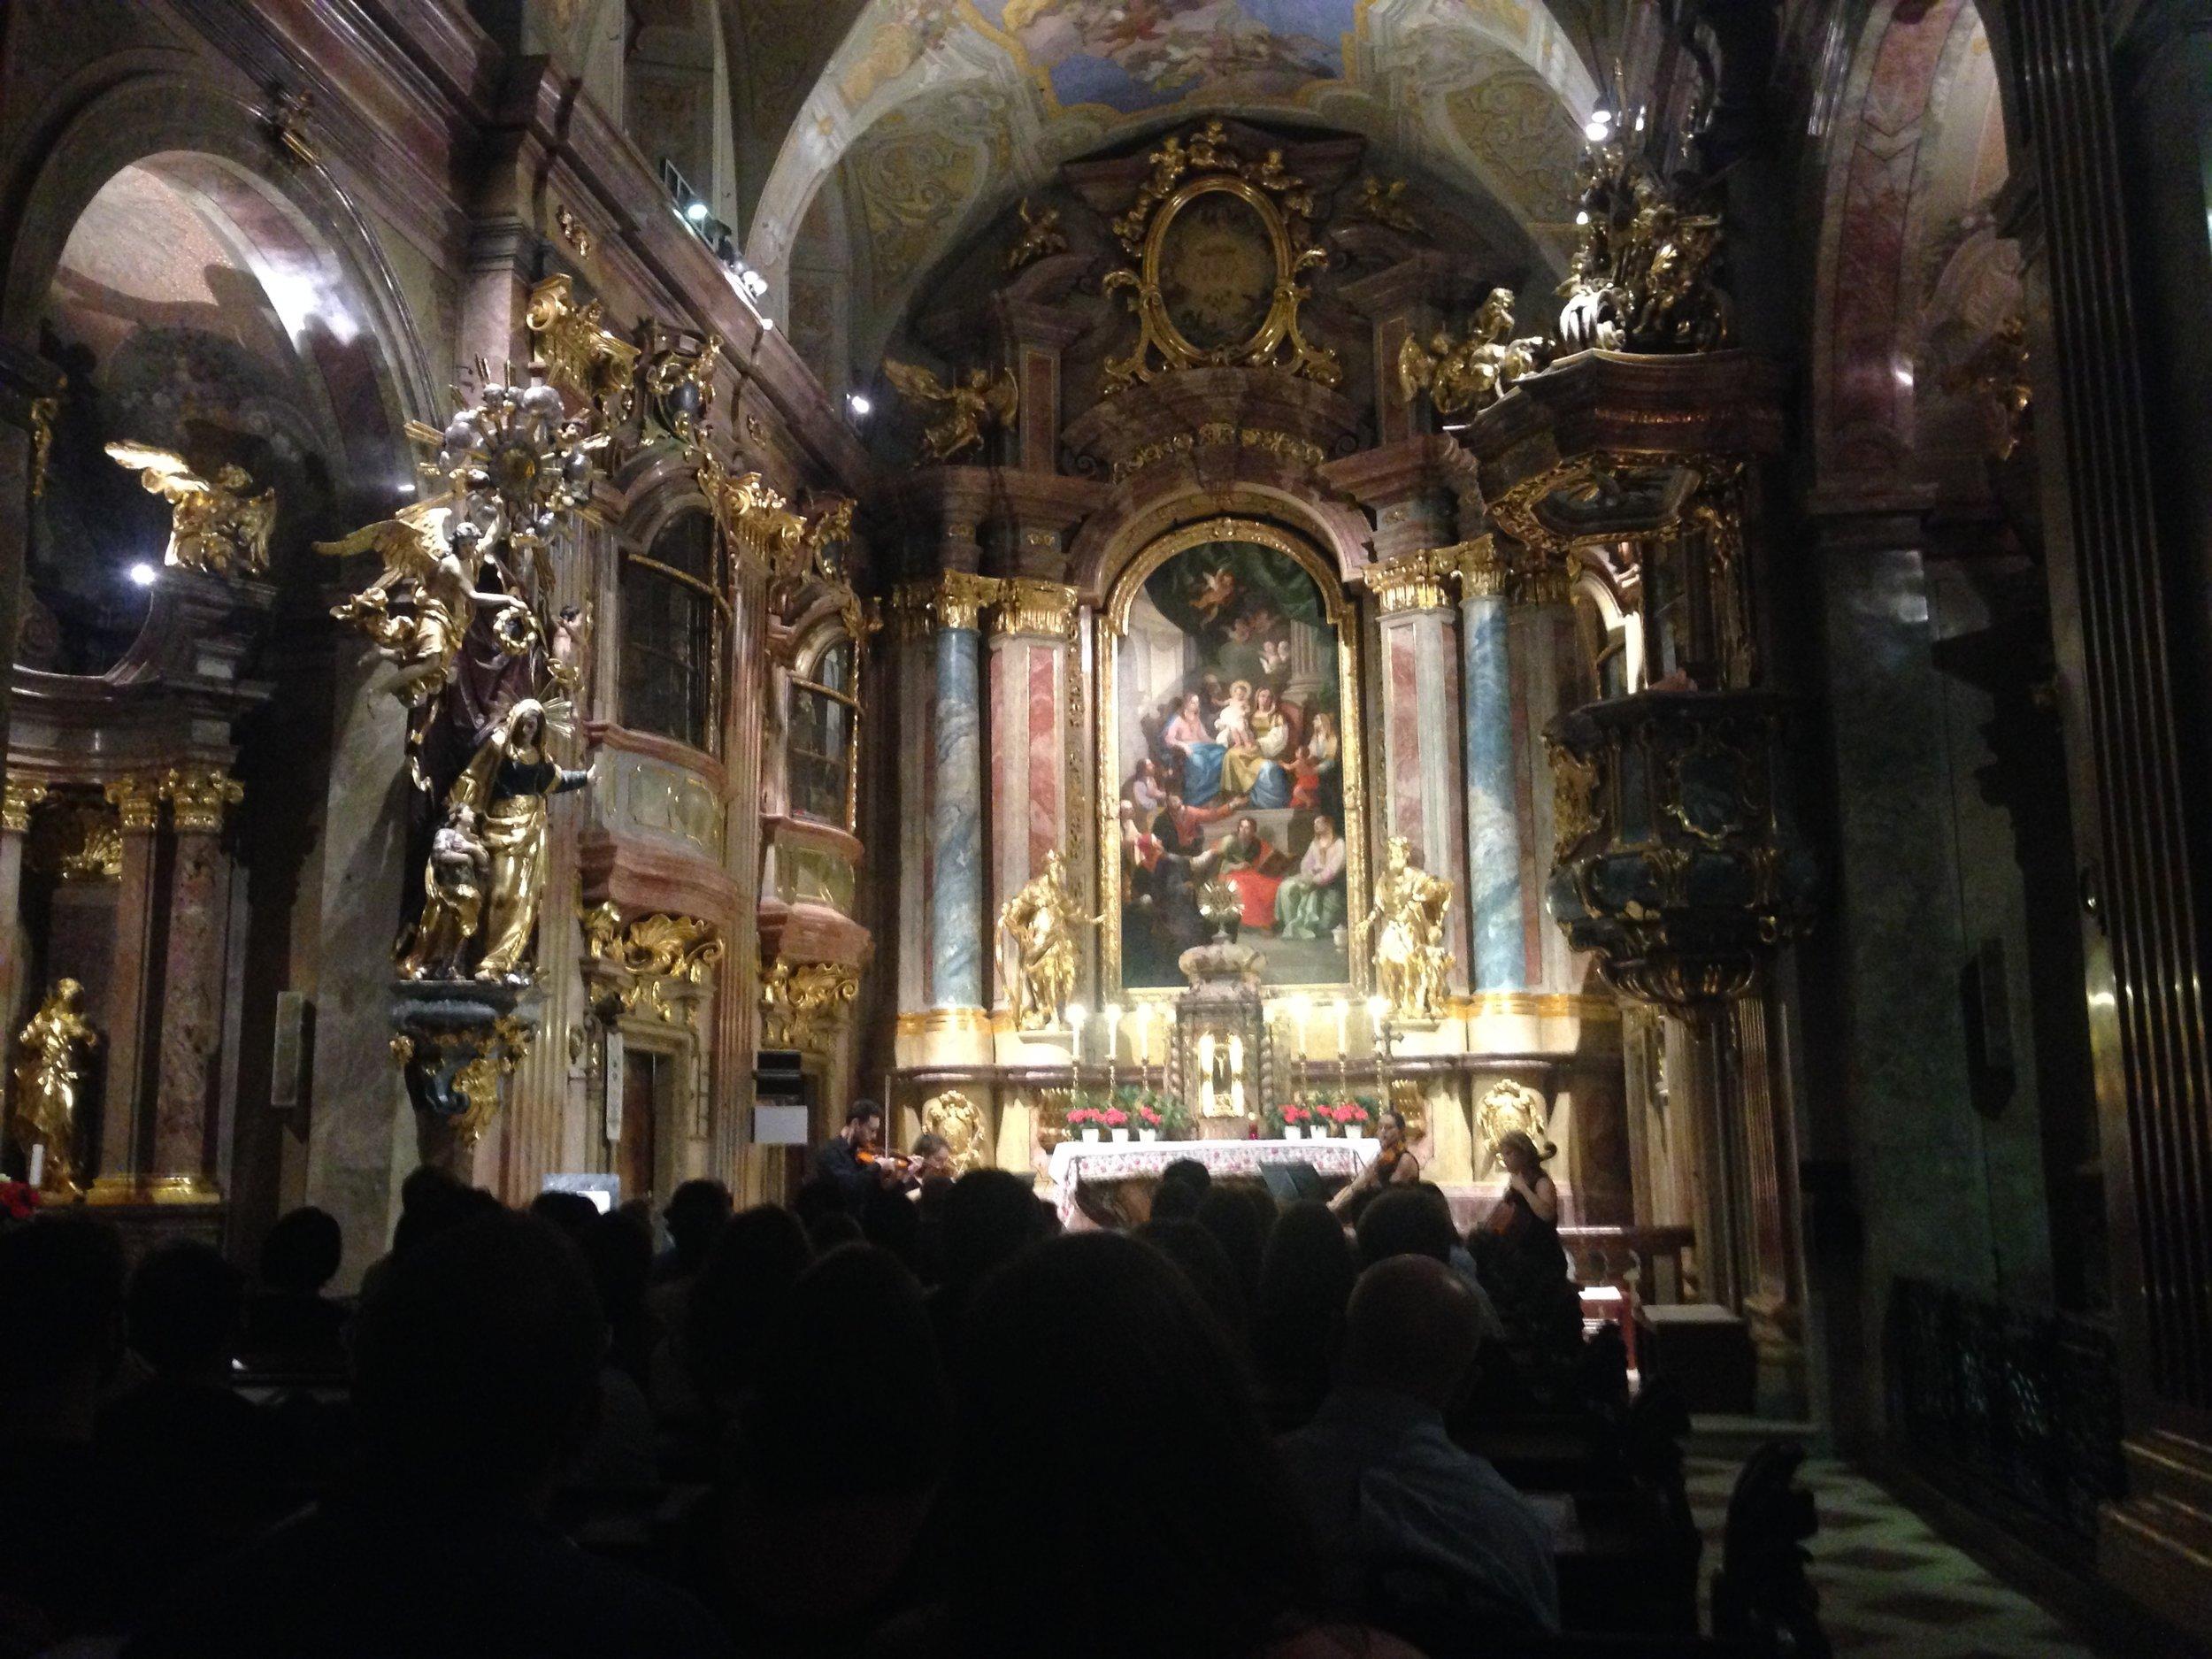 Concert de Mozart dans l'église Anna Kirche